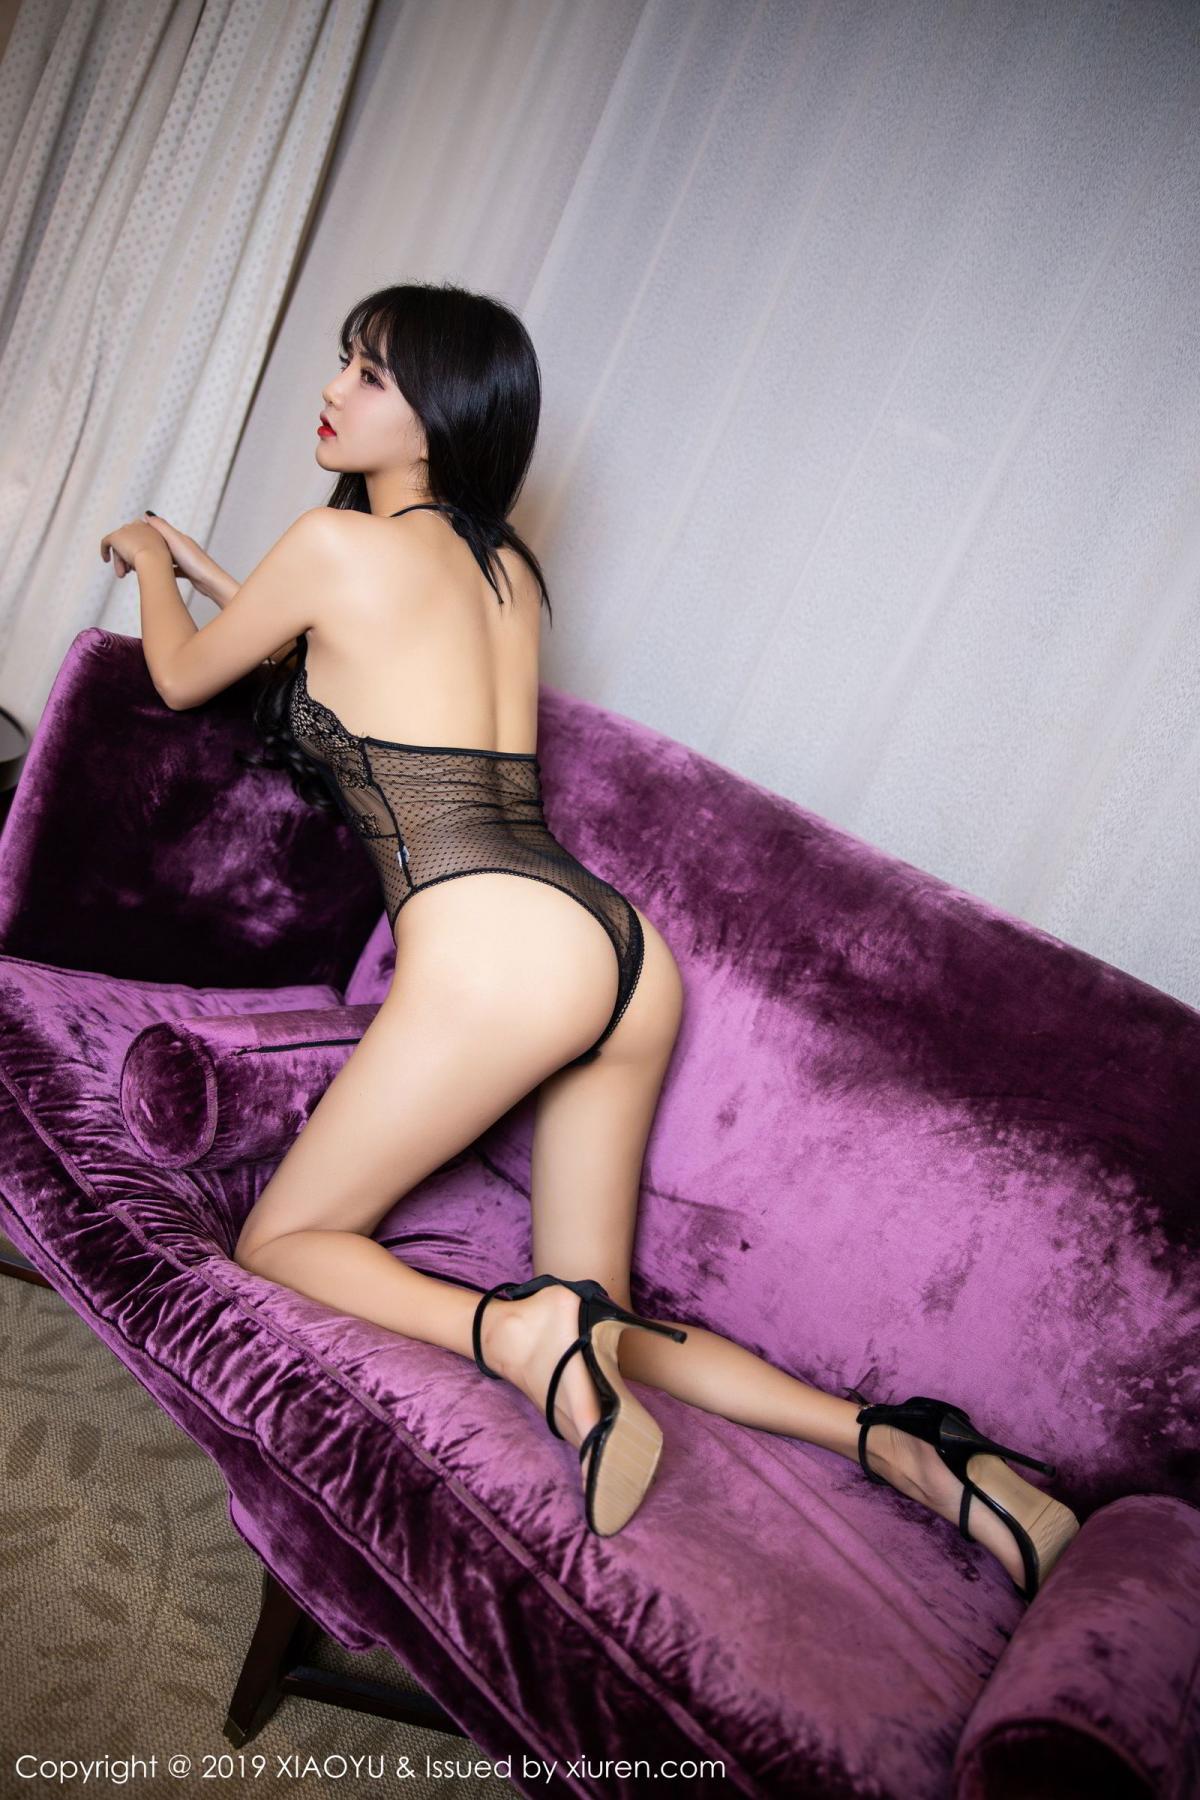 [XiaoYu] Vol.200 Miko Jiang 2P, Miko Jiang, Slim, Tall, Underwear, XiaoYu